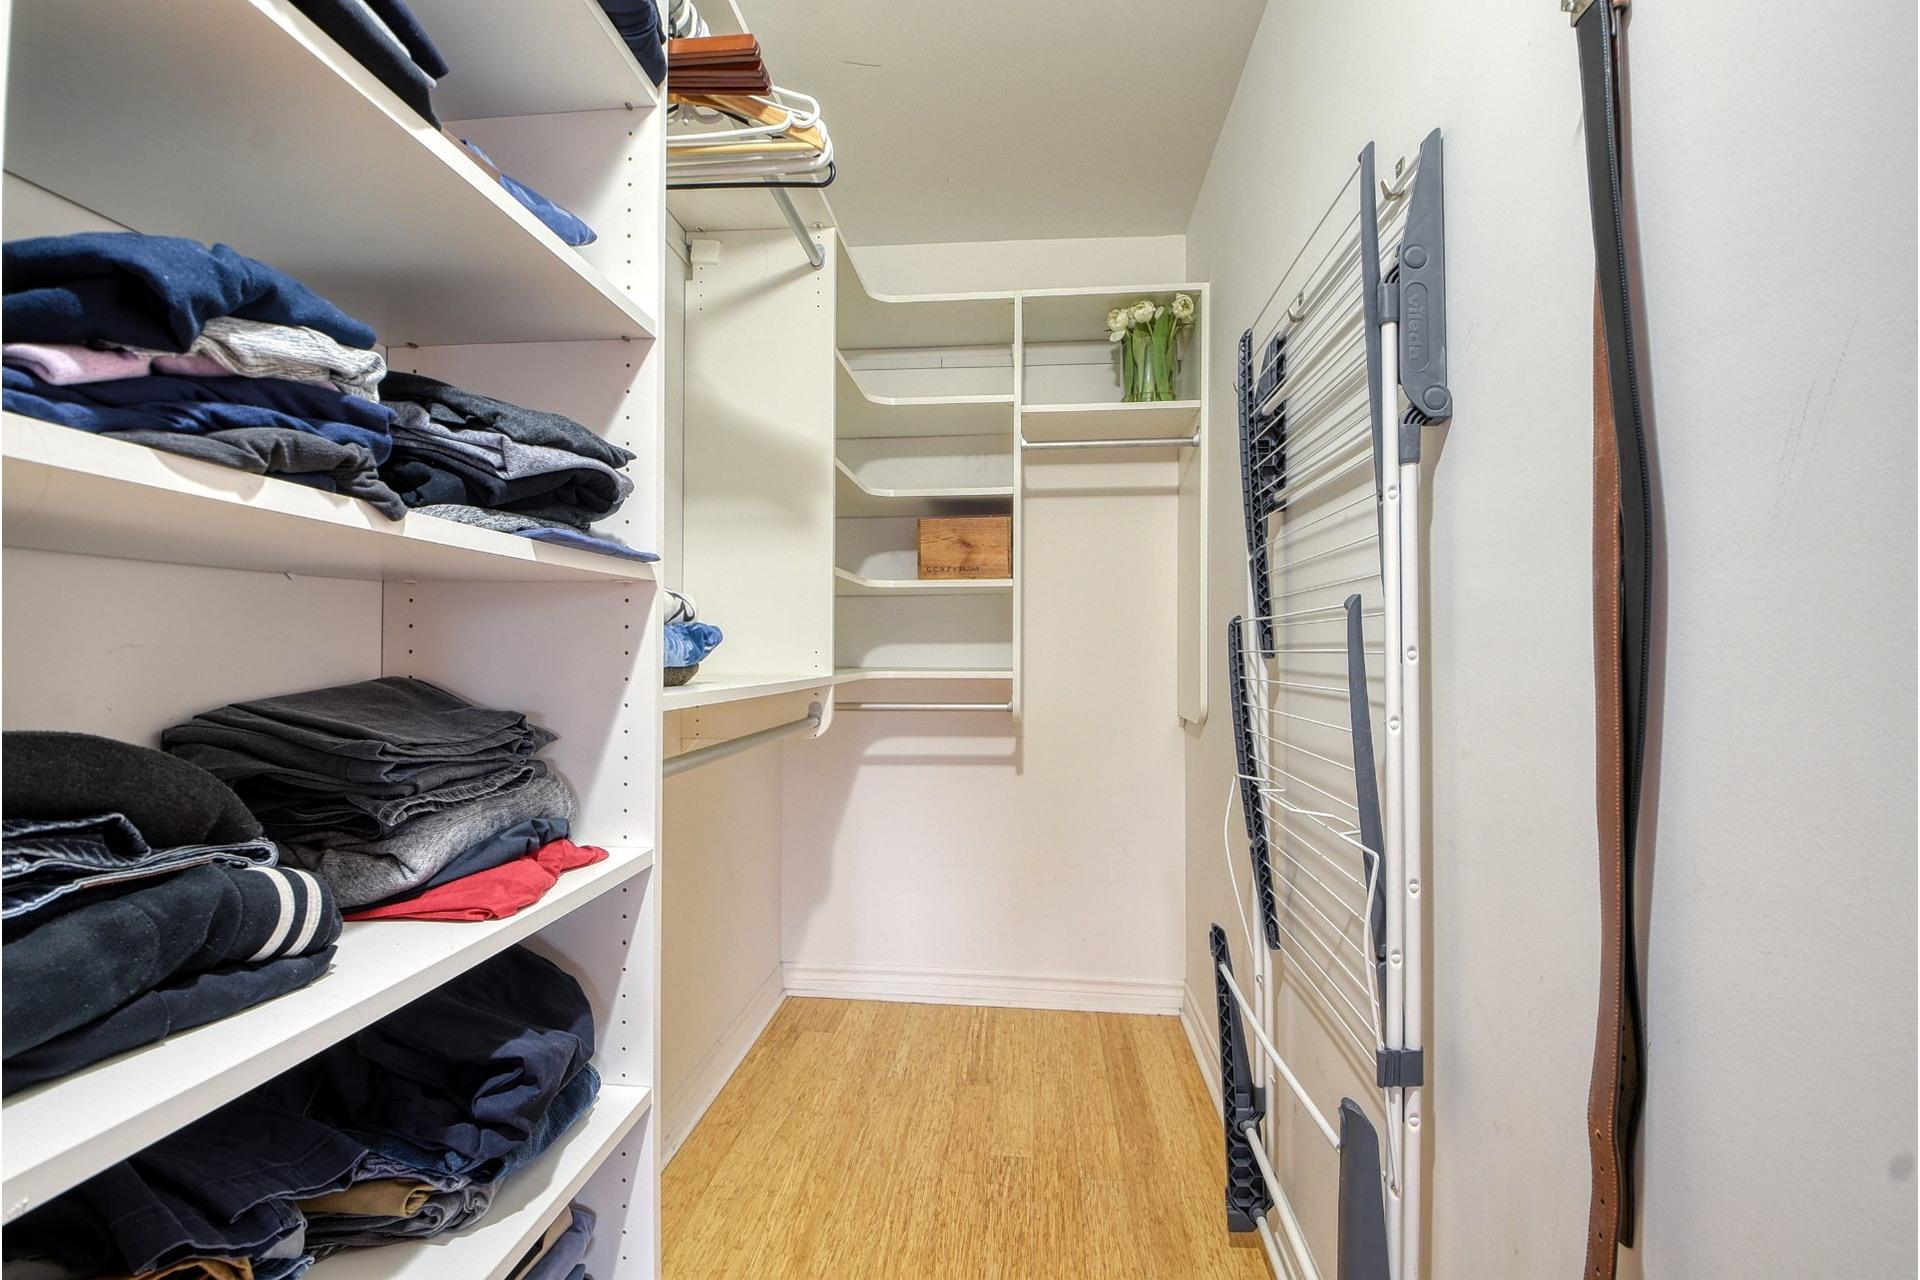 image 15 - Appartement À vendre Lachine Montréal  - 7 pièces